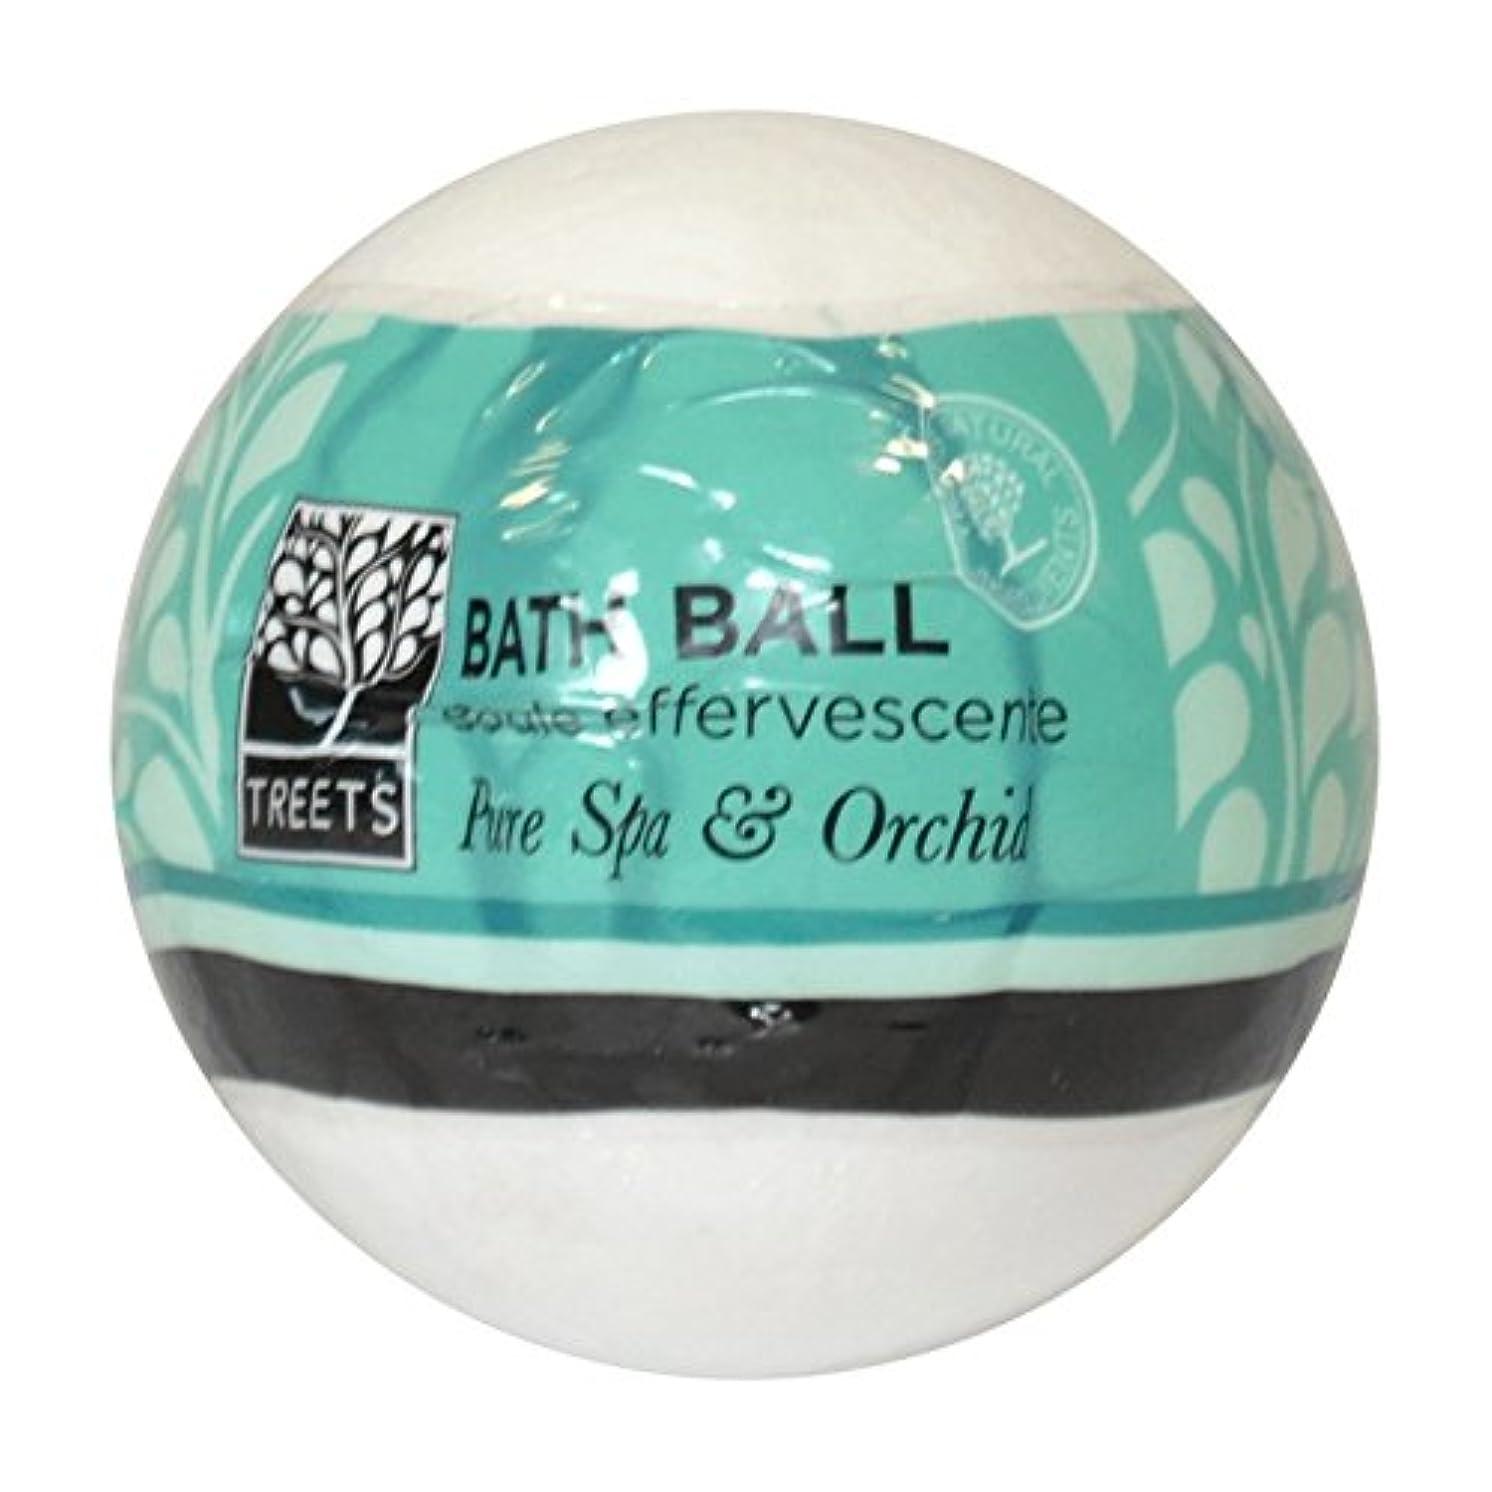 移行驚いたビンTreets蘭&純粋なスパバスボール - Treets Orchid & Pure Spa Bath Ball (Treets) [並行輸入品]